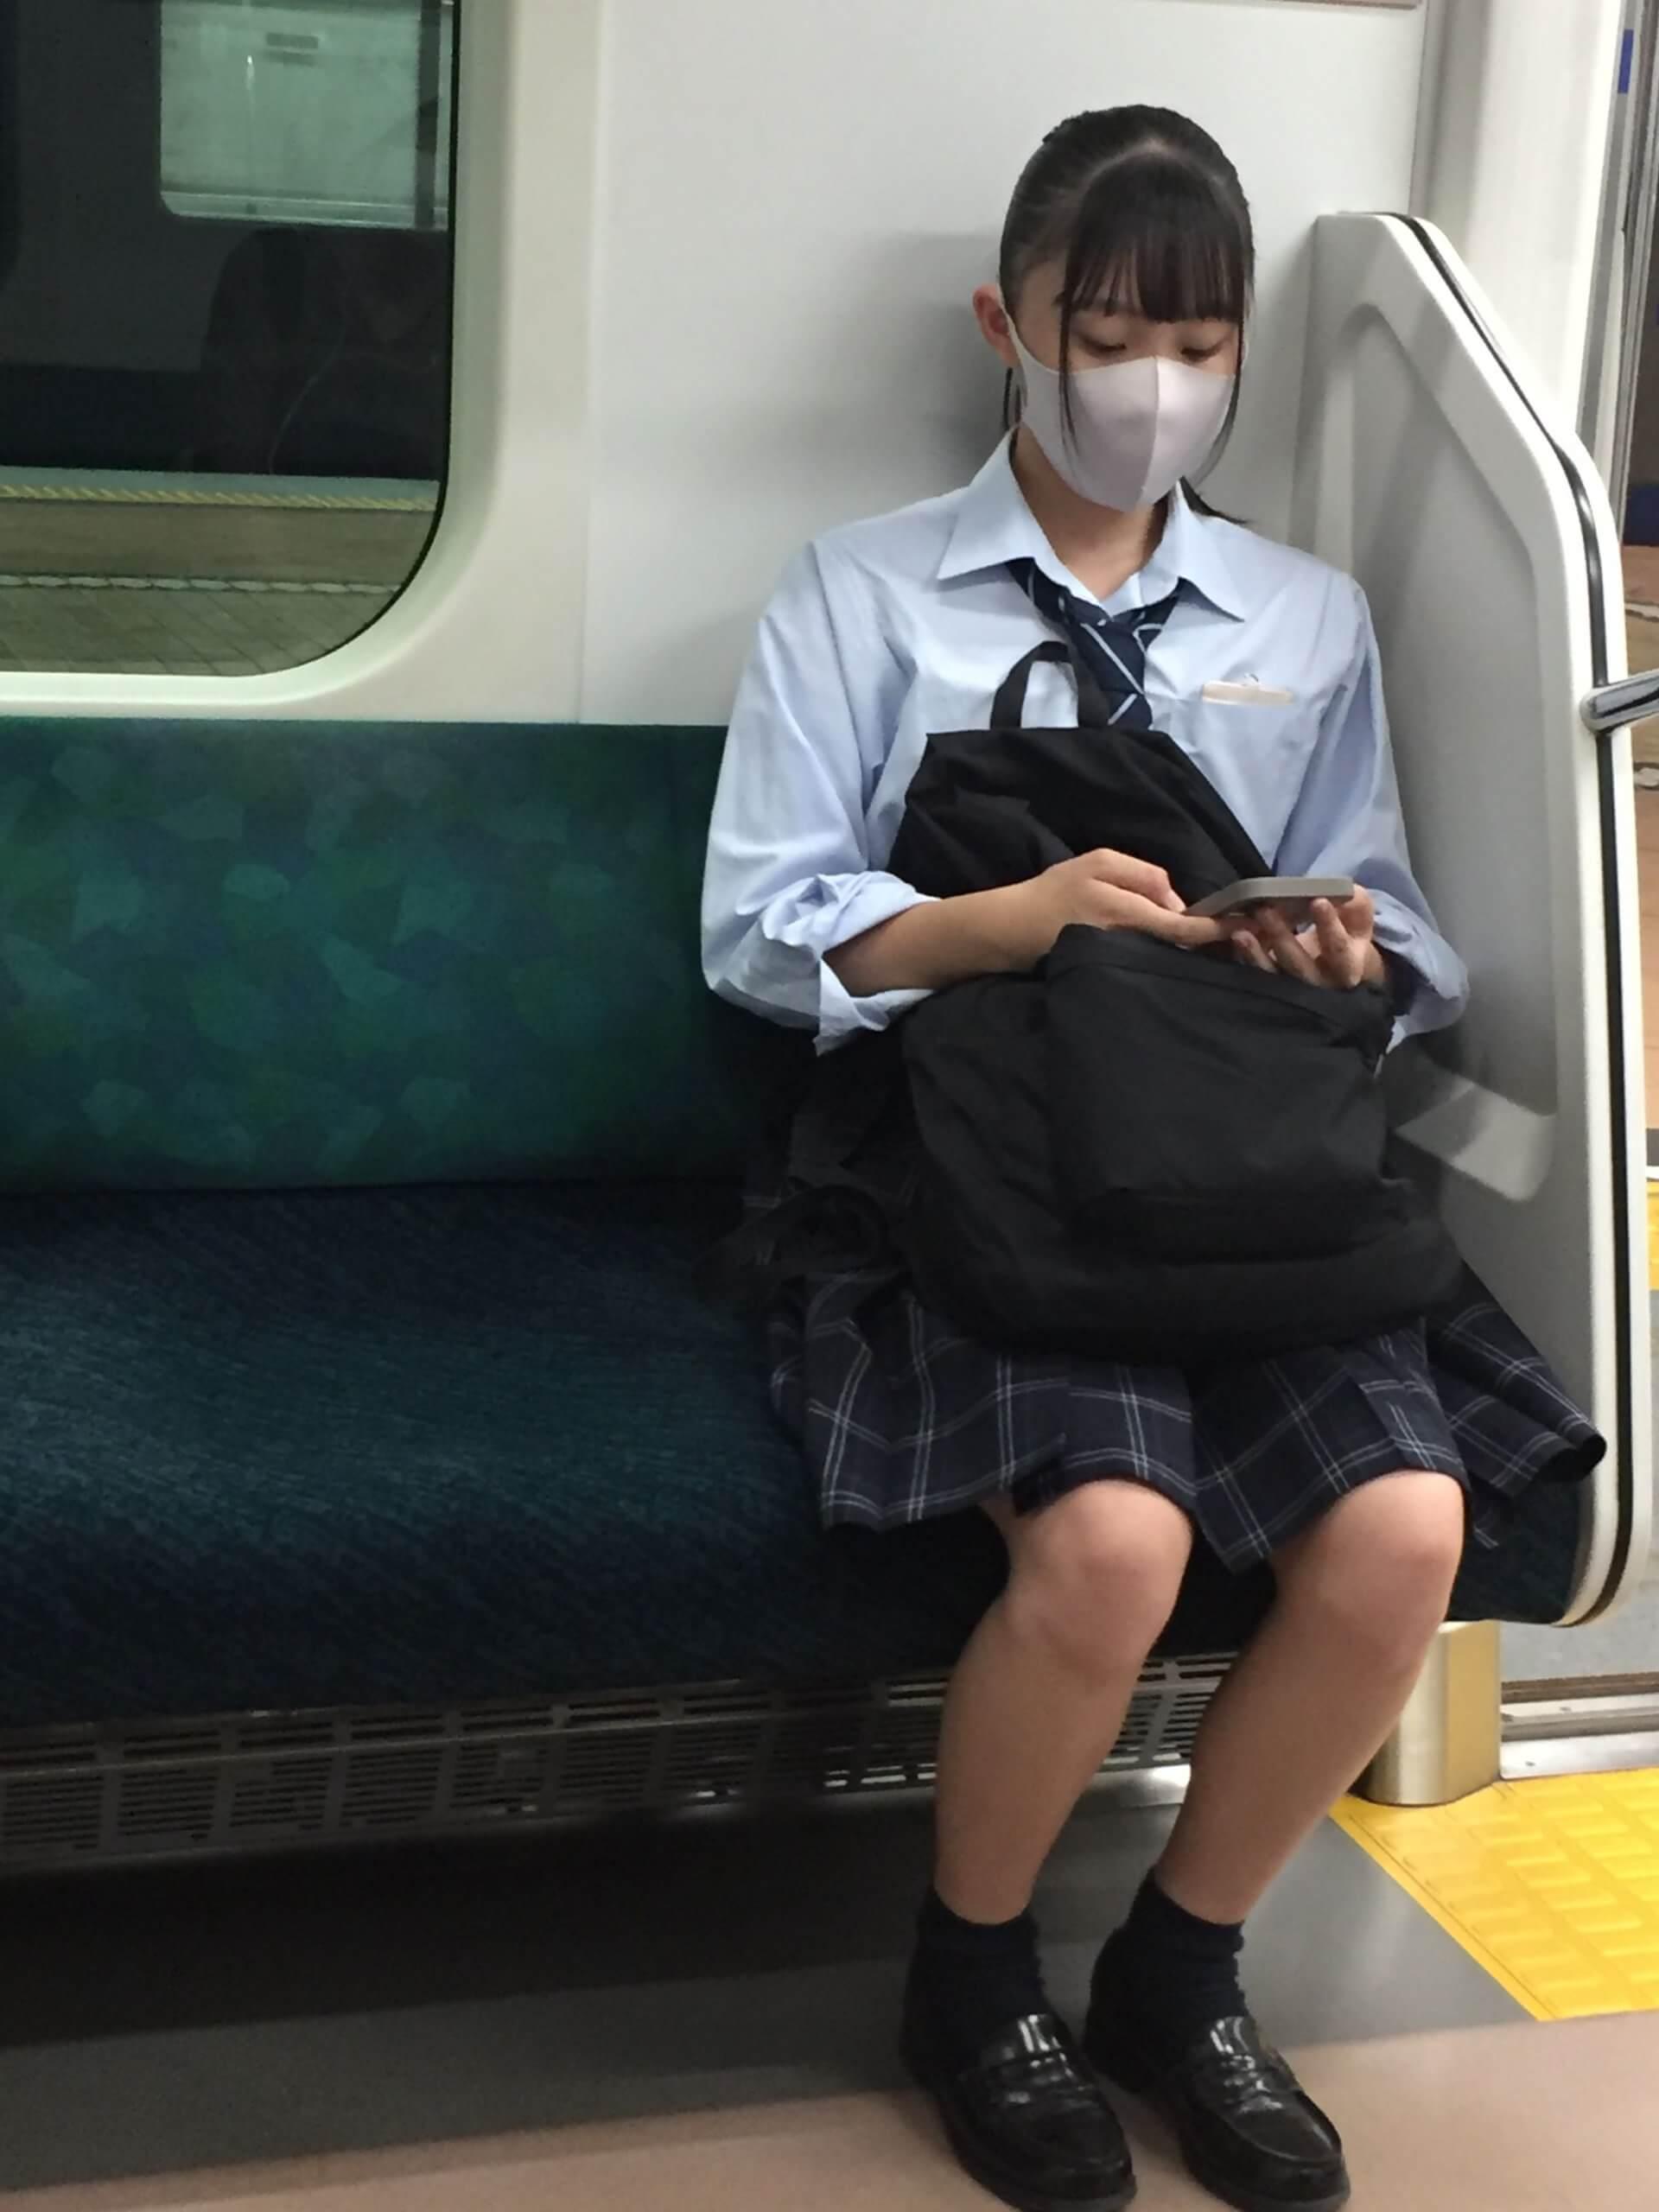 【画像】電車で座ってる女子高生の対面からスマホで盗撮奴ちょっと来なさい